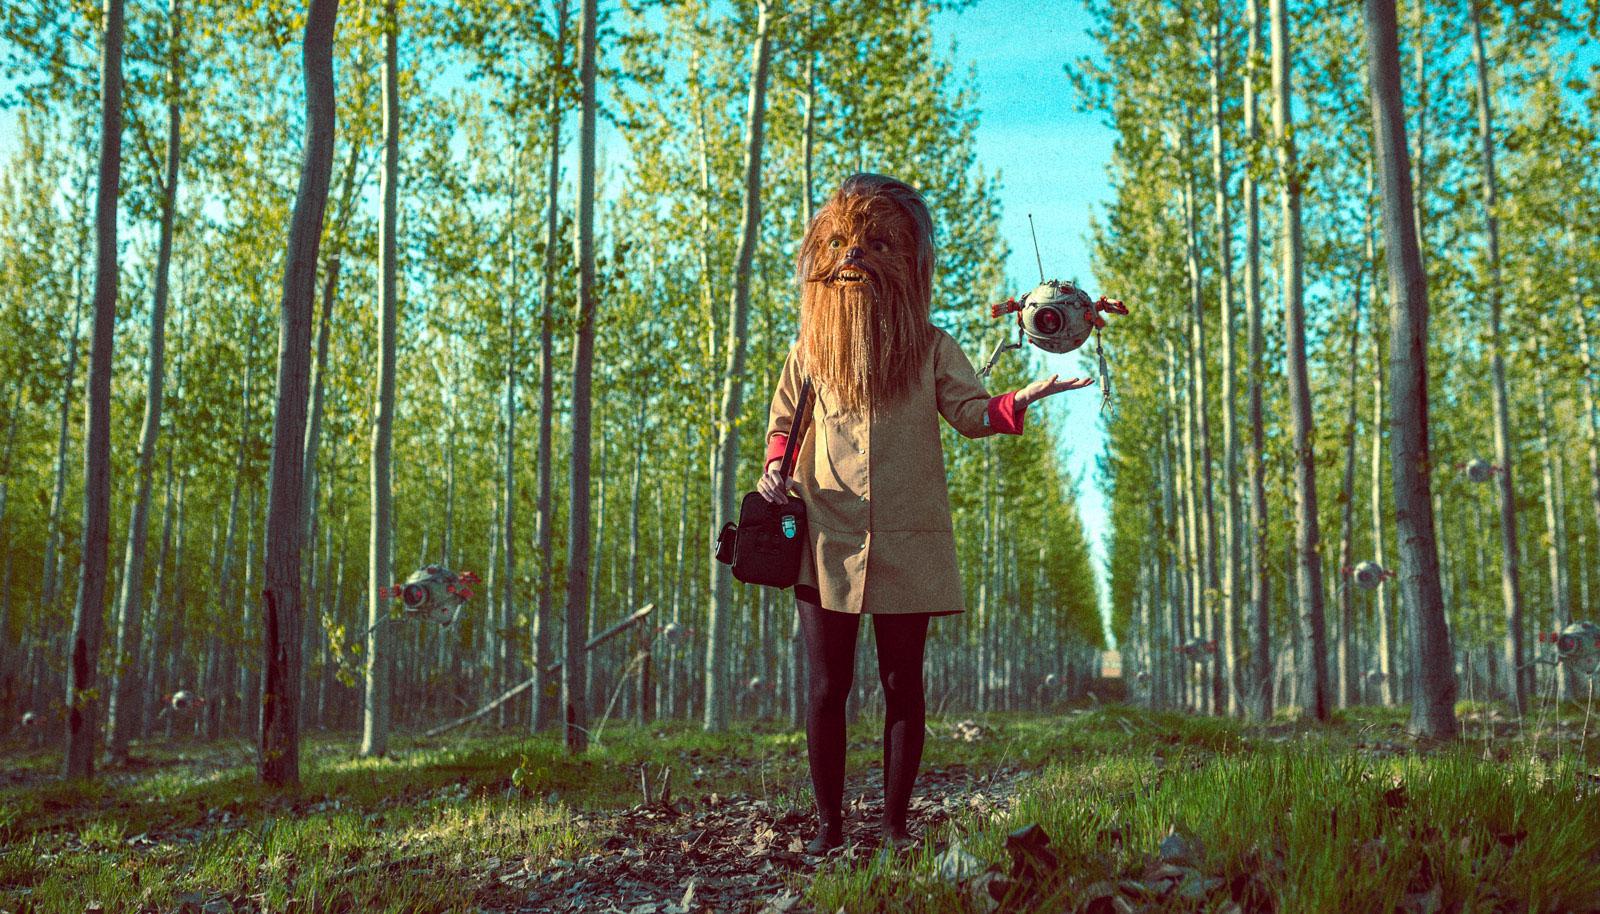 Fantastical Narratives of Strange Creatures and Landscapes